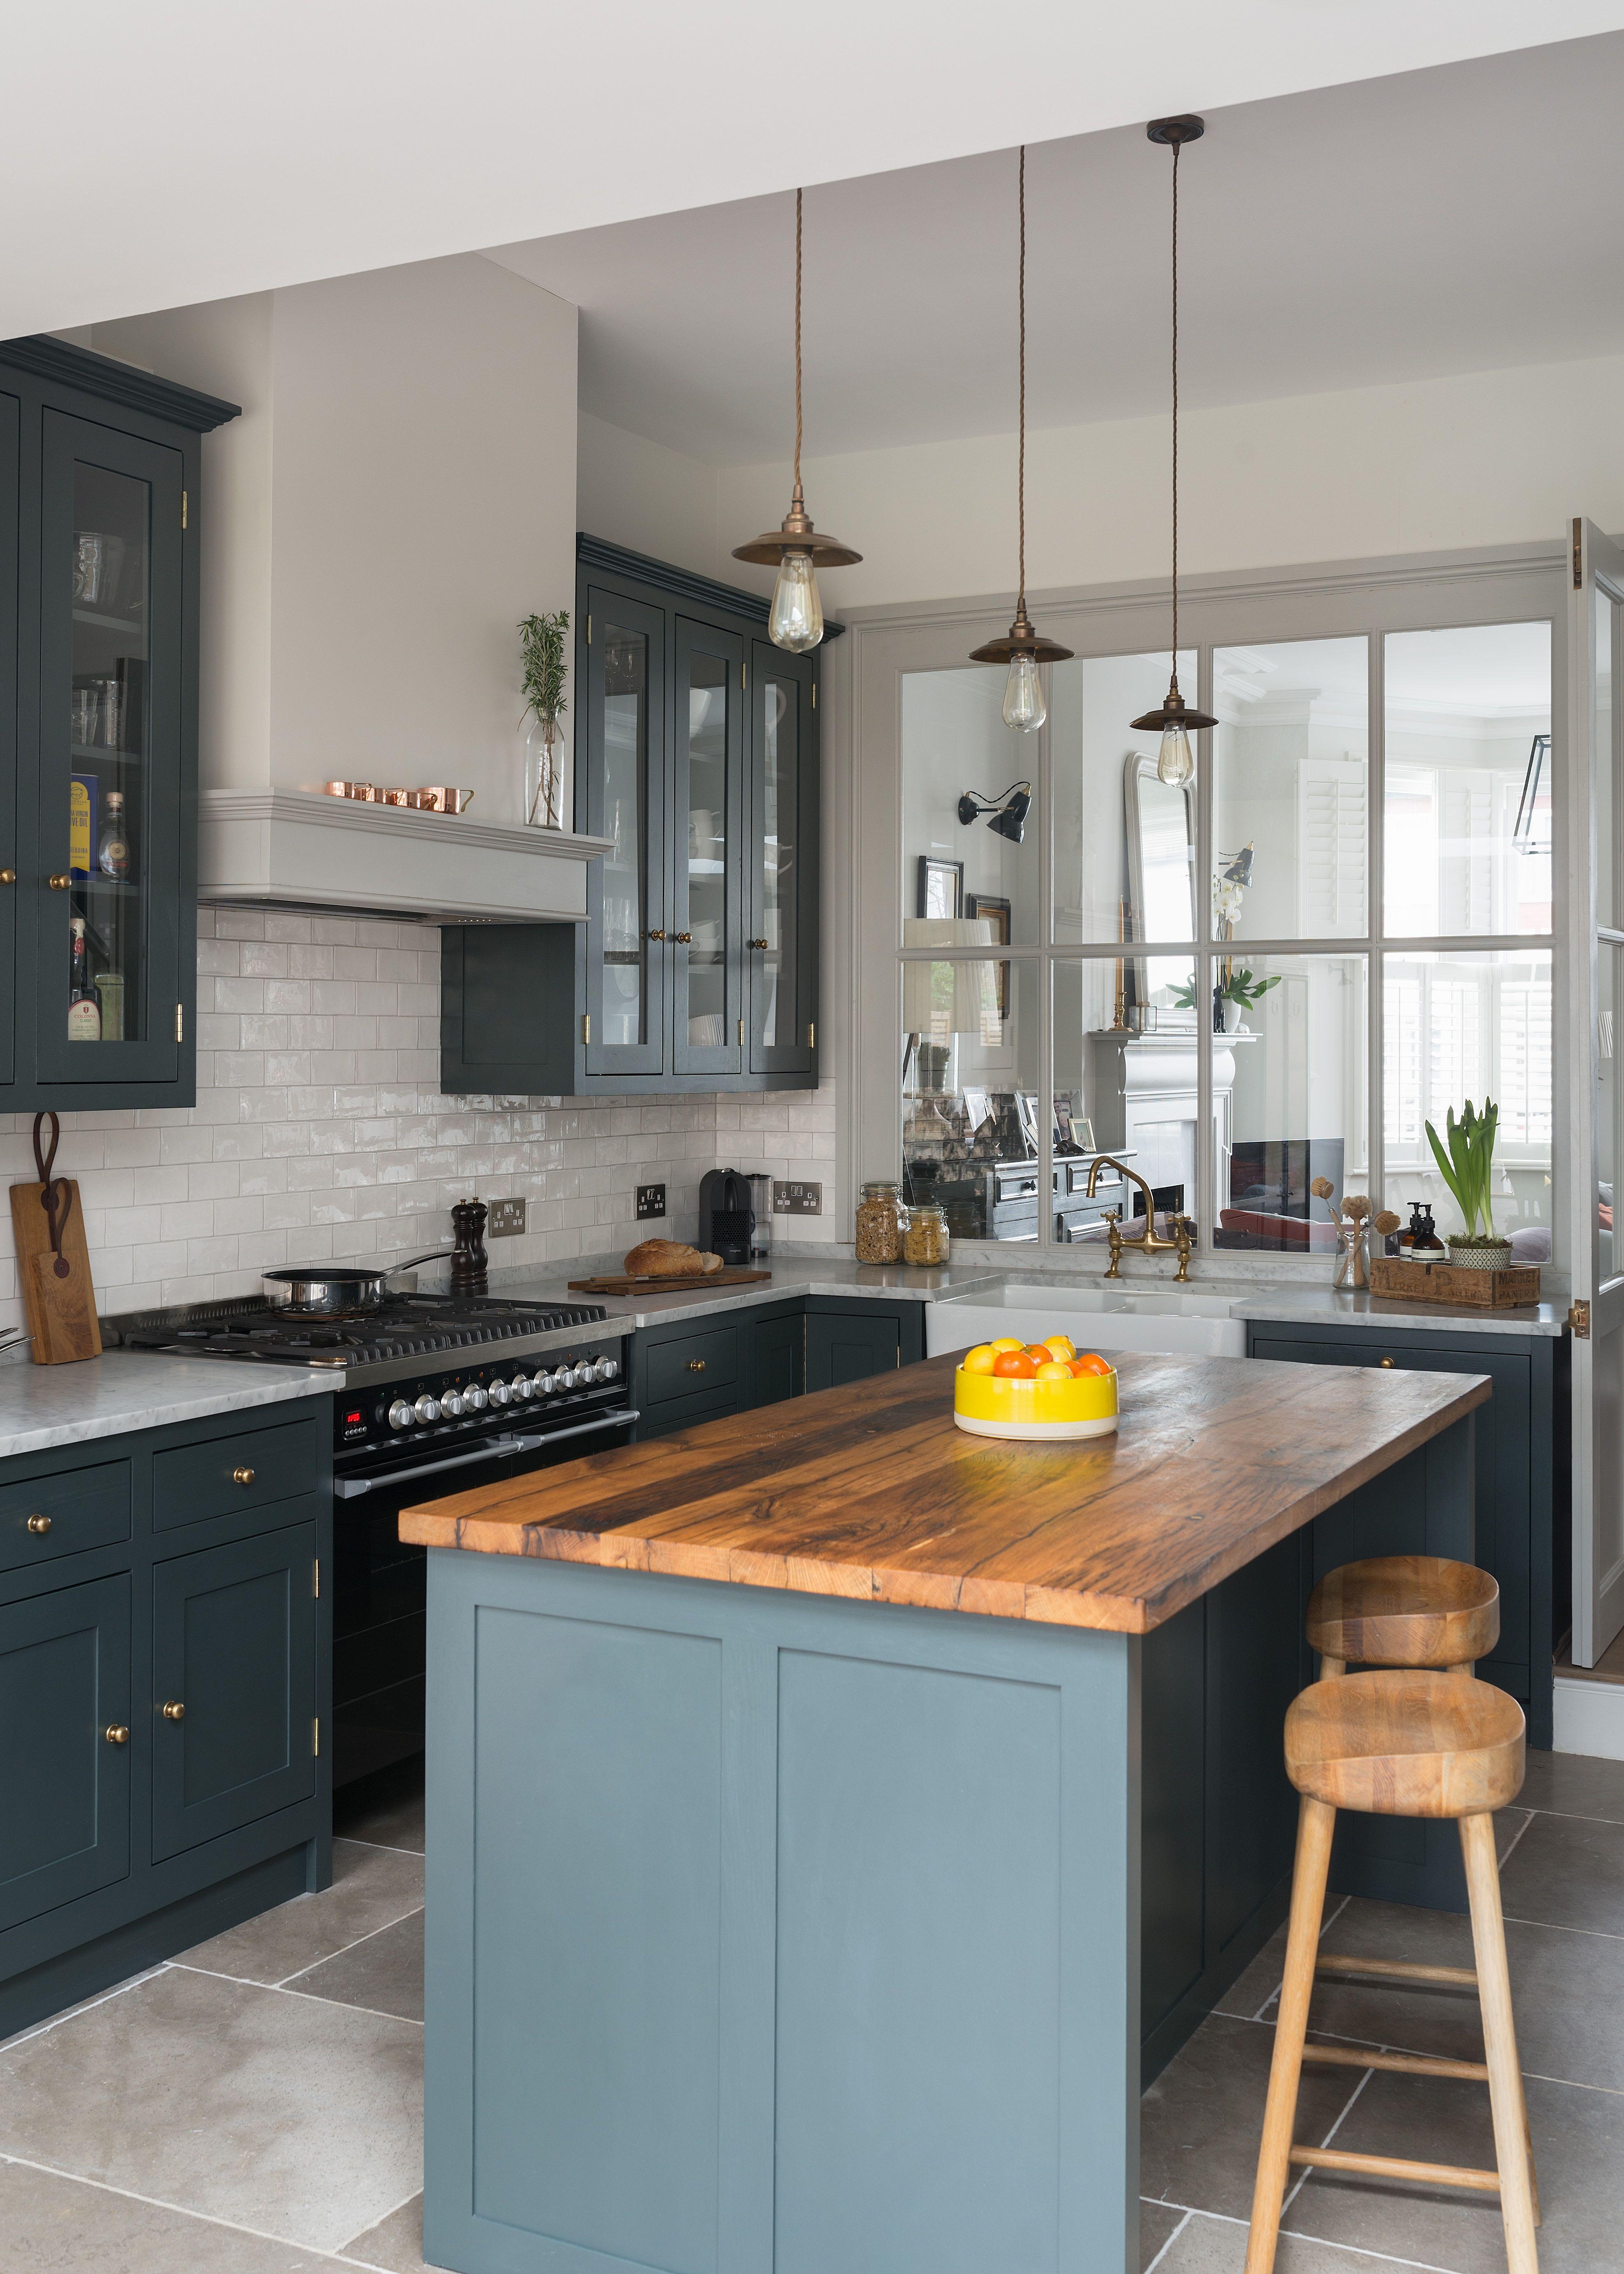 www theshakerkitchen co grey kitchen designs grey kitchens farmhouse style kitchen on farmhouse kitchen grey cabinets id=52050